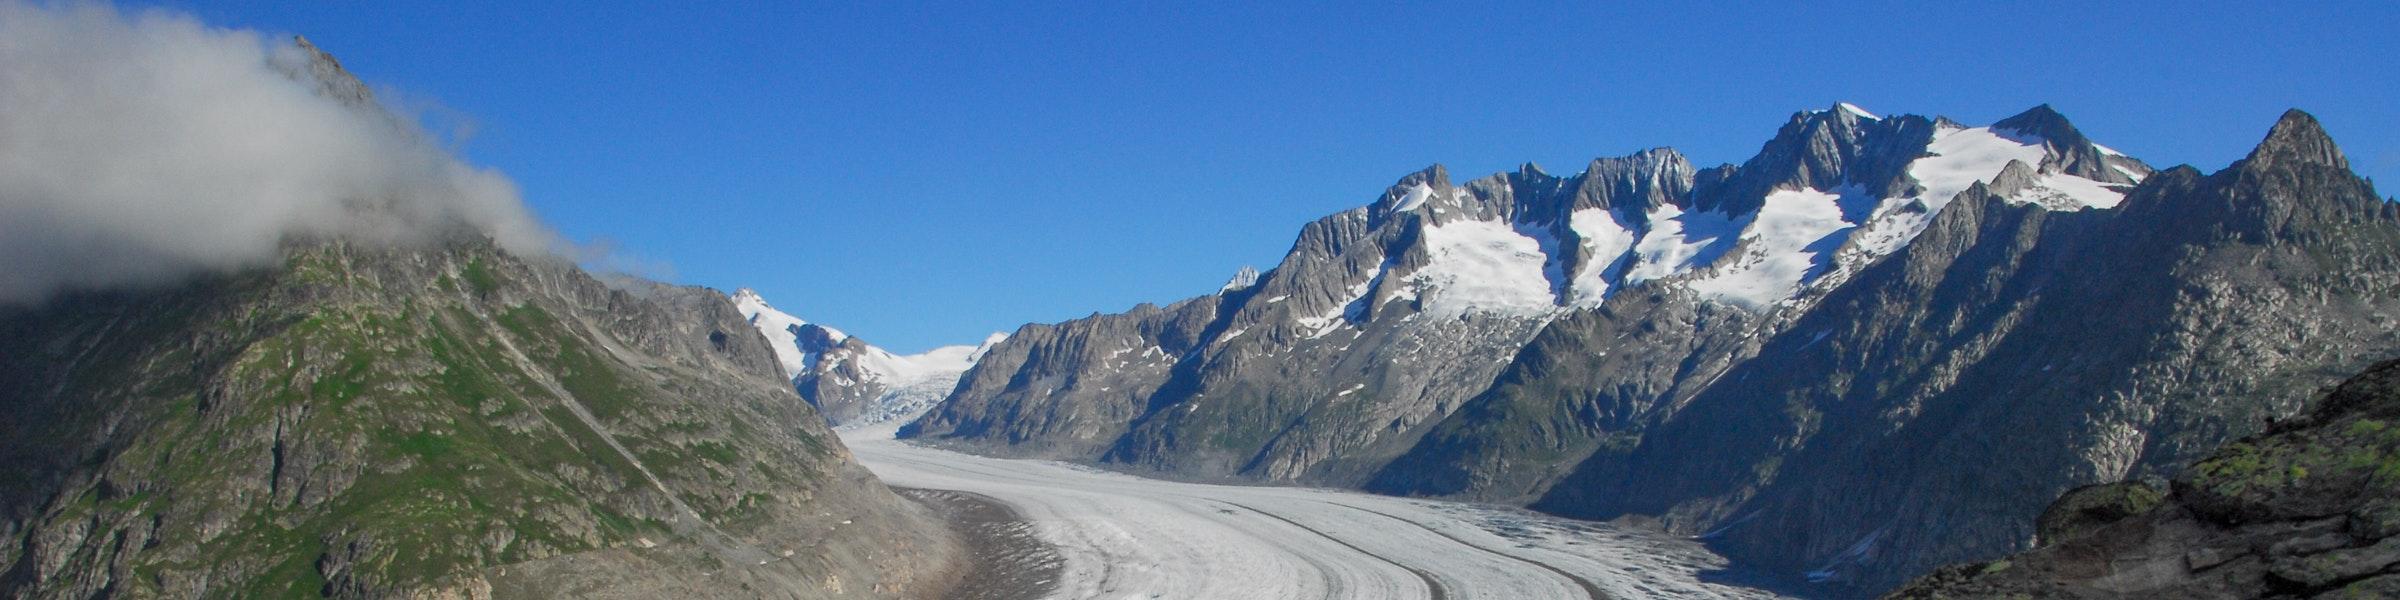 View Aletsch Glacier